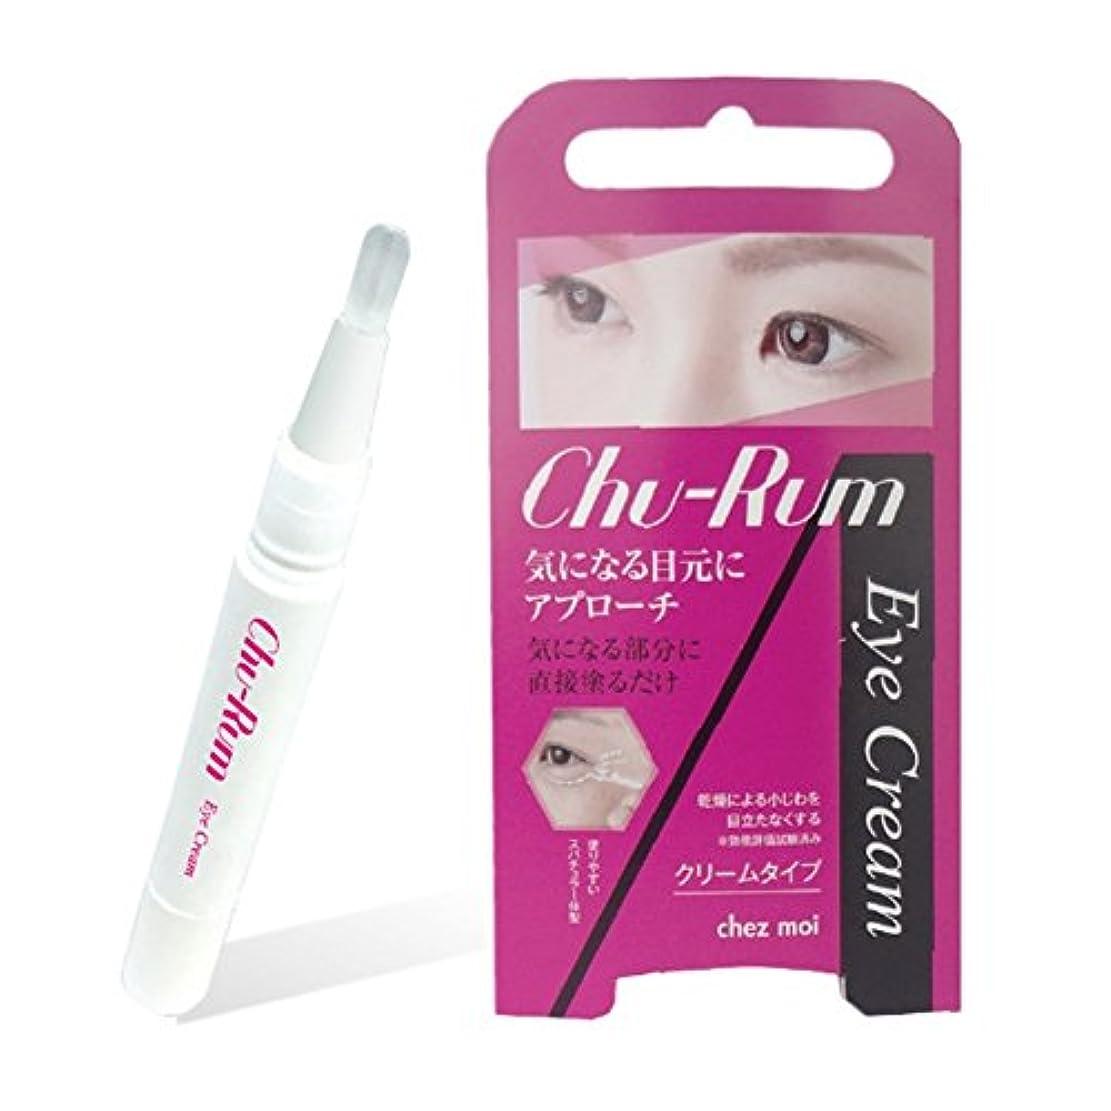 私たちのサミュエルマッサージシェモア Chu-Rum(チュルム) Eye Cream(アイクリーム)